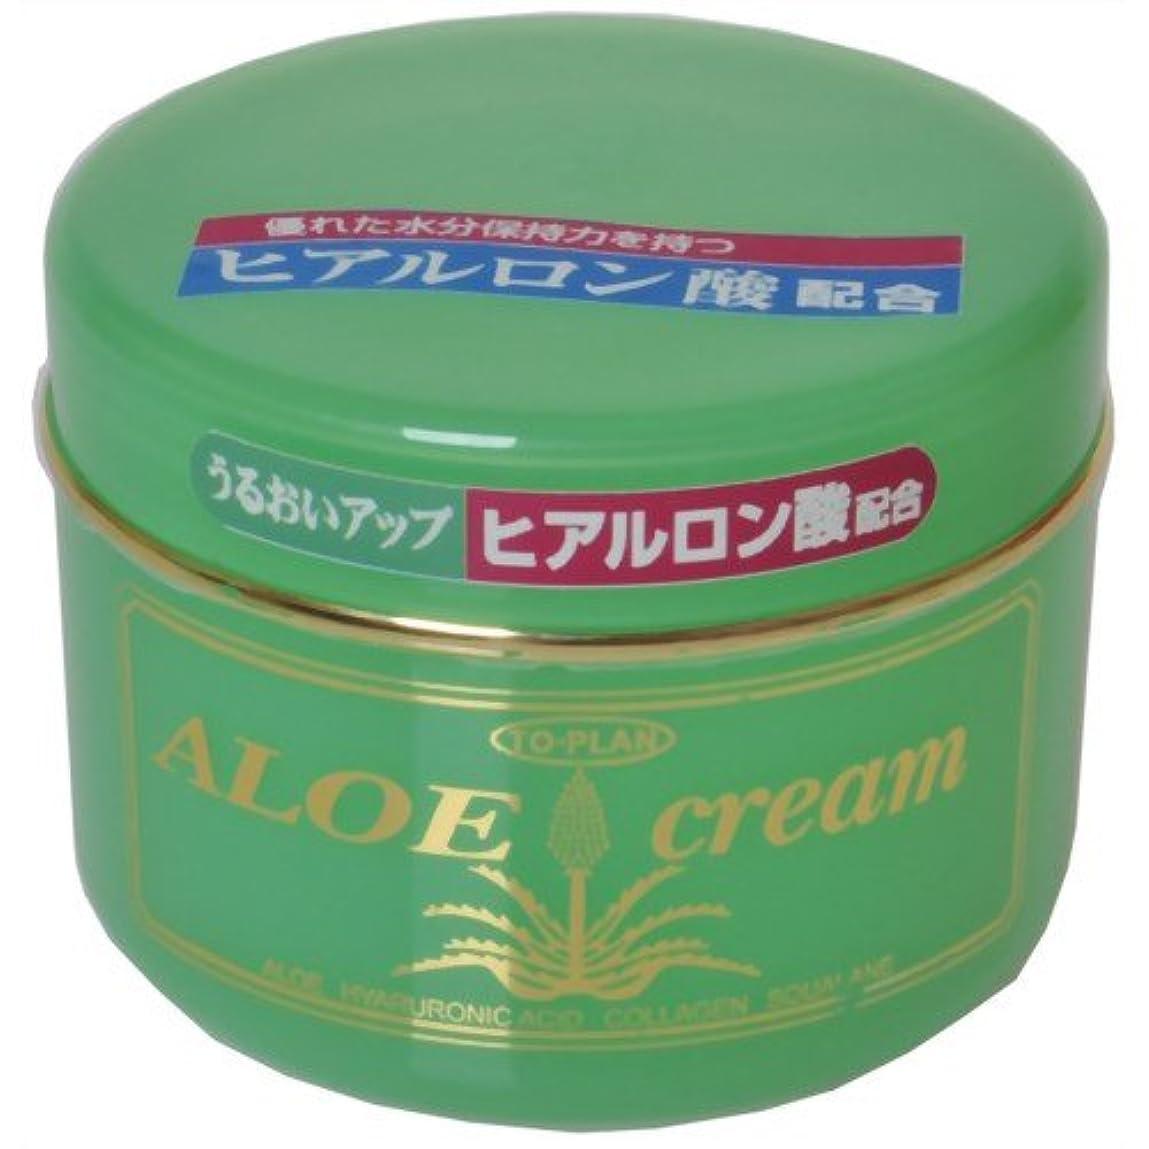 どこでも目覚める削除するTO-PLAN(トプラン) ヒアルロン酸?アロエエキス?スクワラン配合アロエクリーム170g